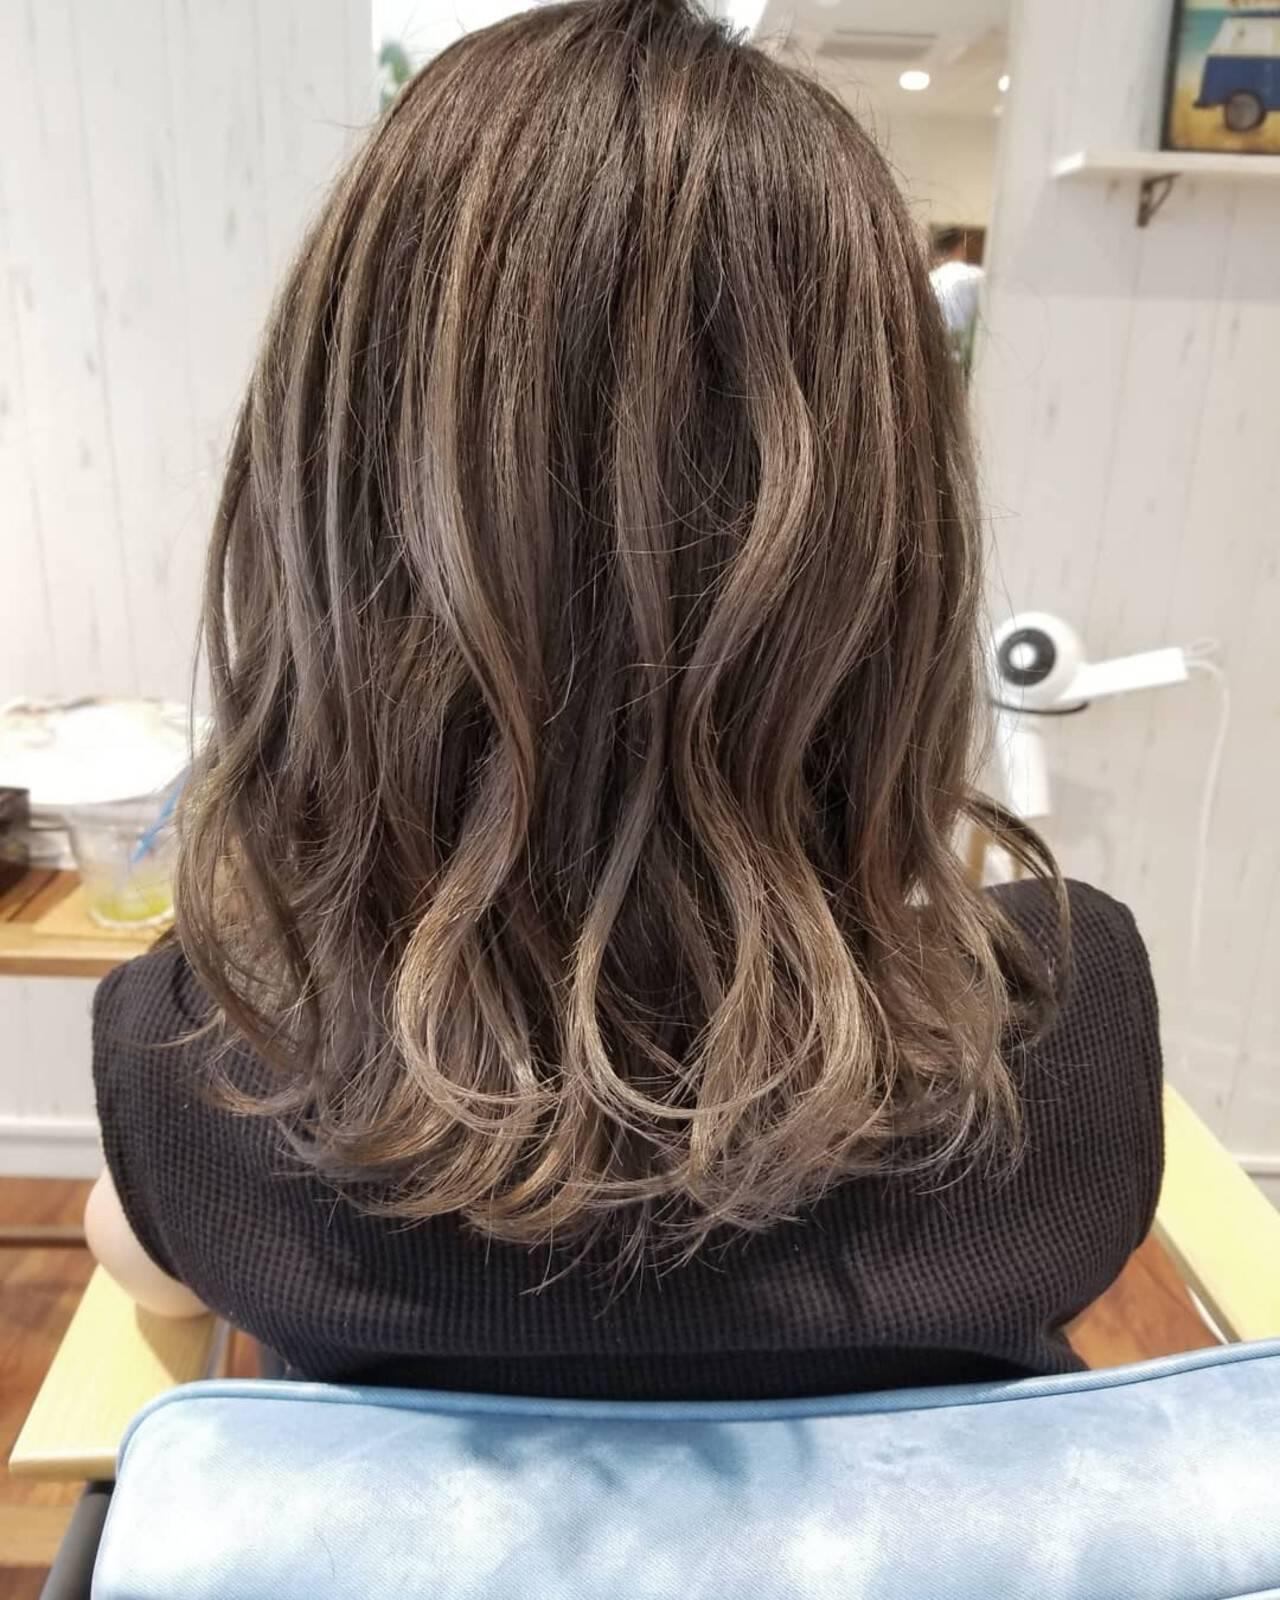 透明感 グレージュ 外国人風 ミディアムヘアスタイルや髪型の写真・画像